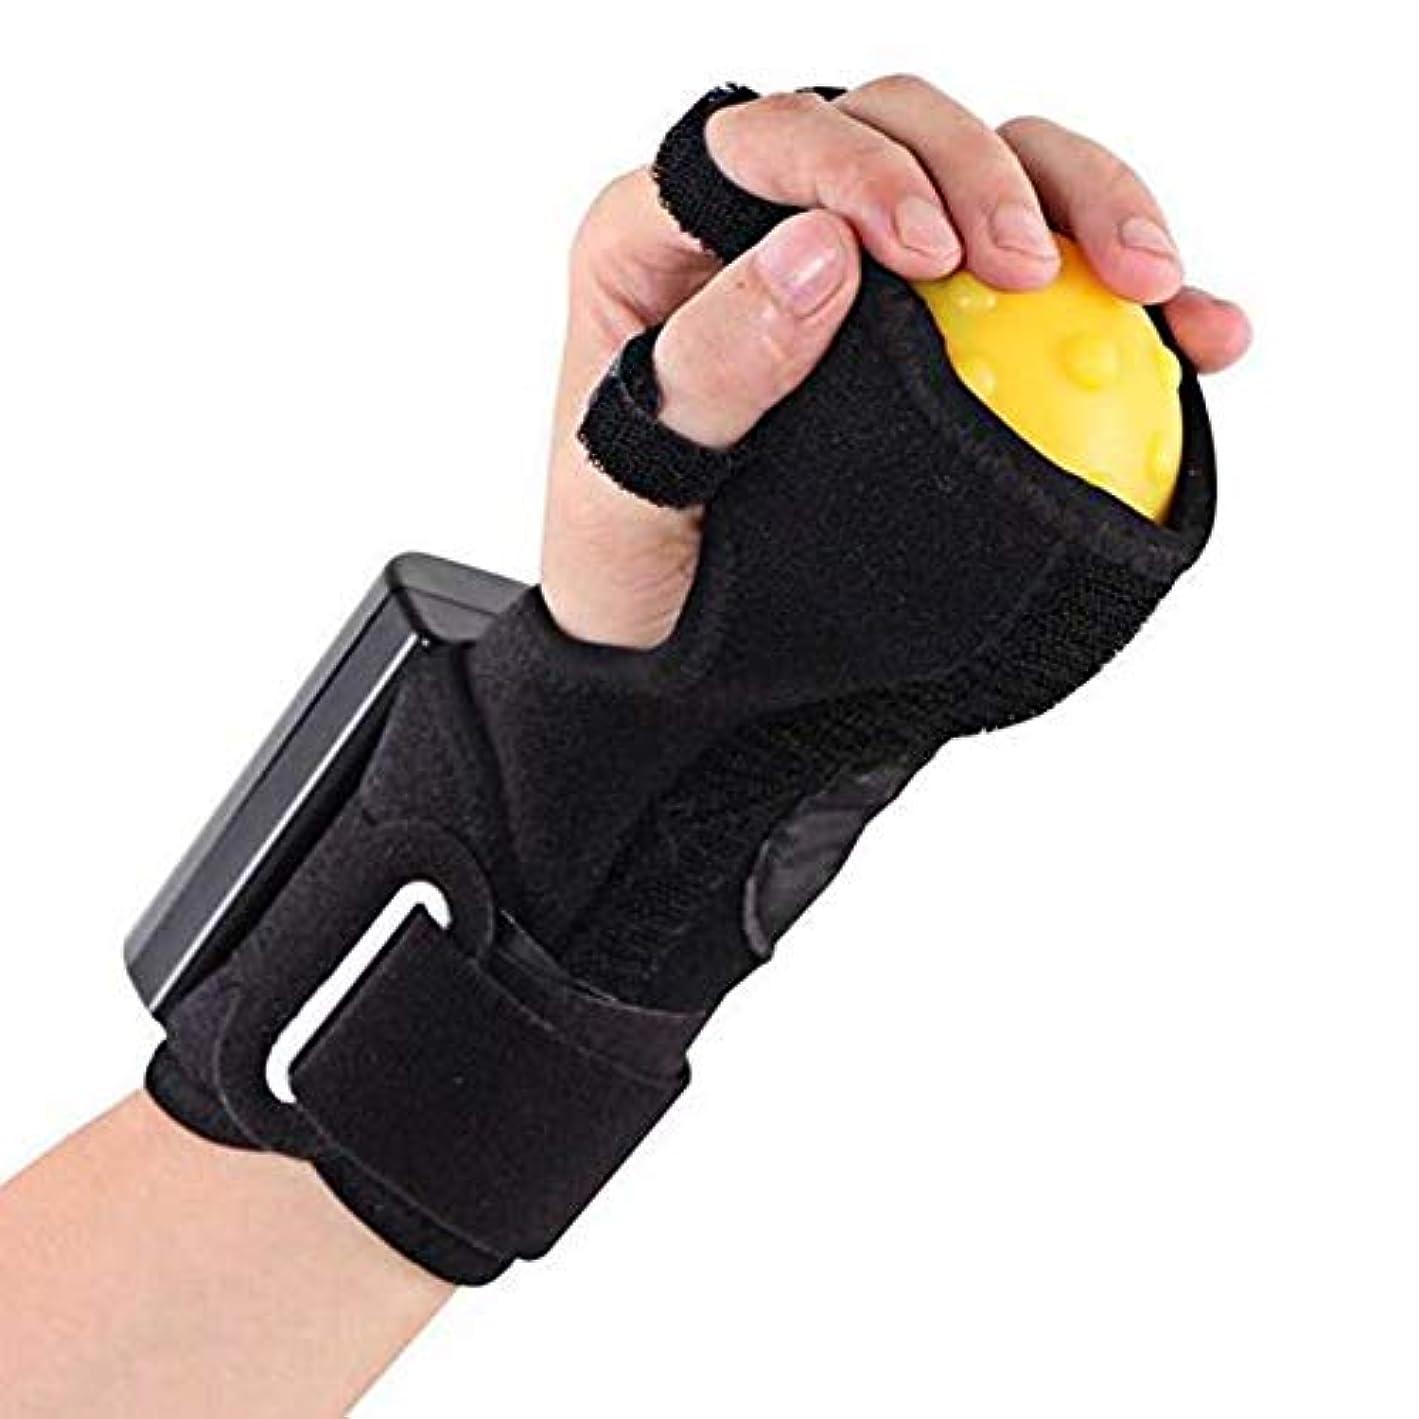 クレデンシャルゴールデン前進電動ハンドマッサージボールホットコンプレッサーと抗痙攣ボール有料指圧装置スプリント片麻痺の指回復マッサージ療法